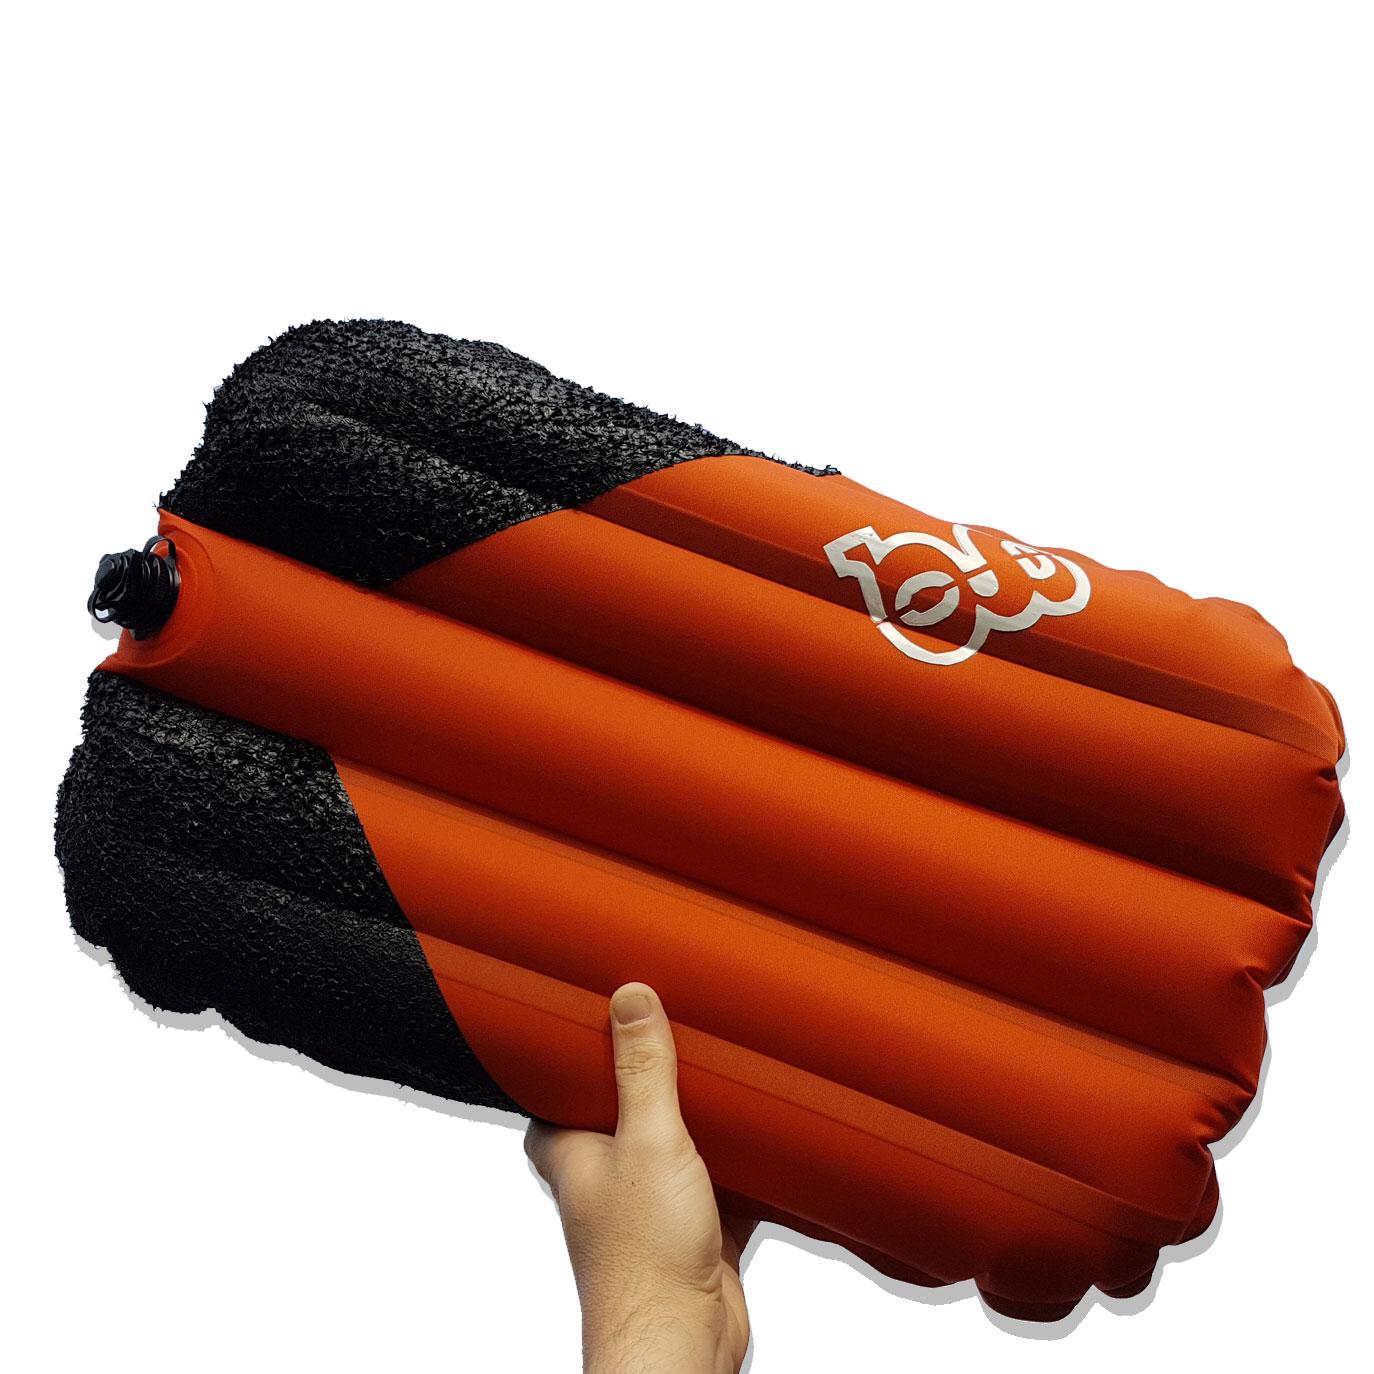 G-Mat Bodybag Mini-surfmat for Bodysurfing